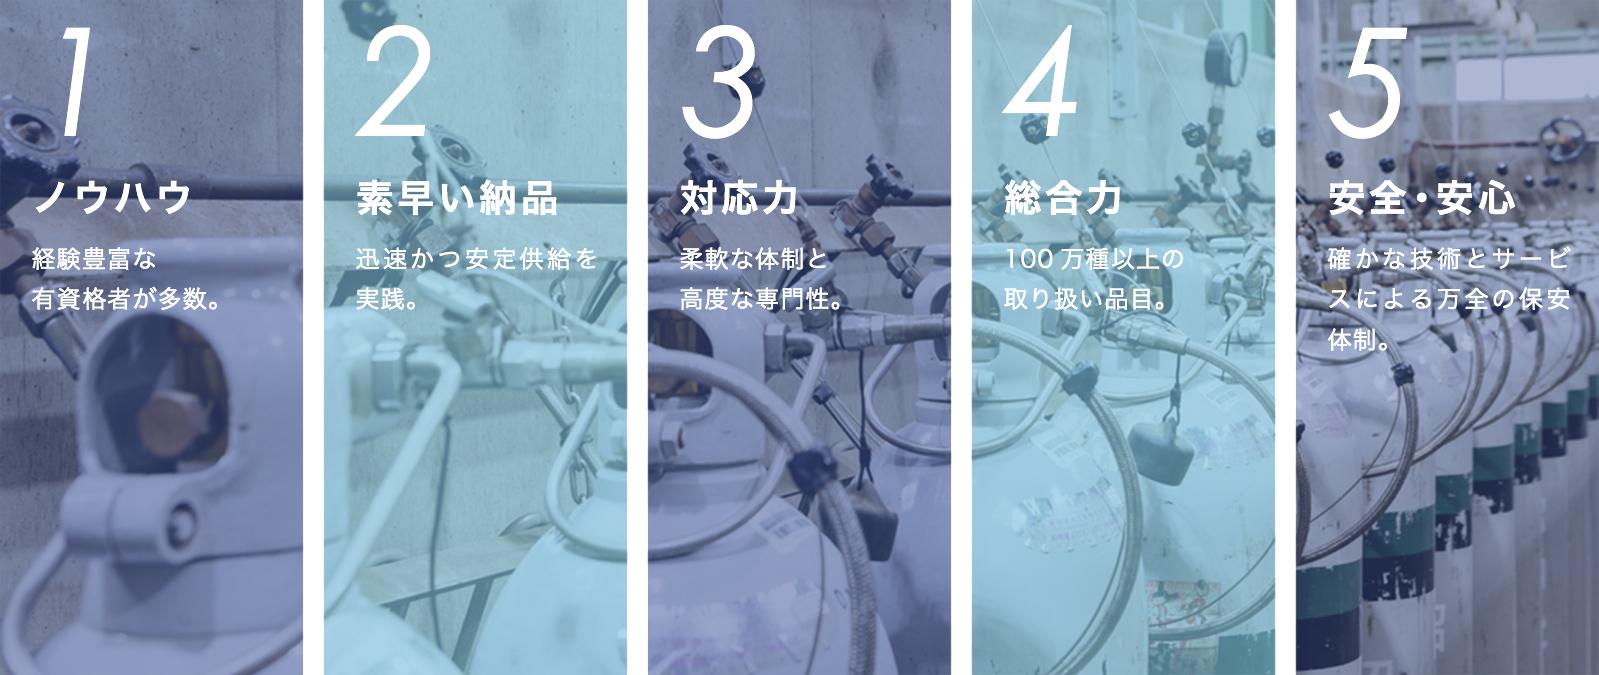 藤田酸素工業が選ばれる5つの理由